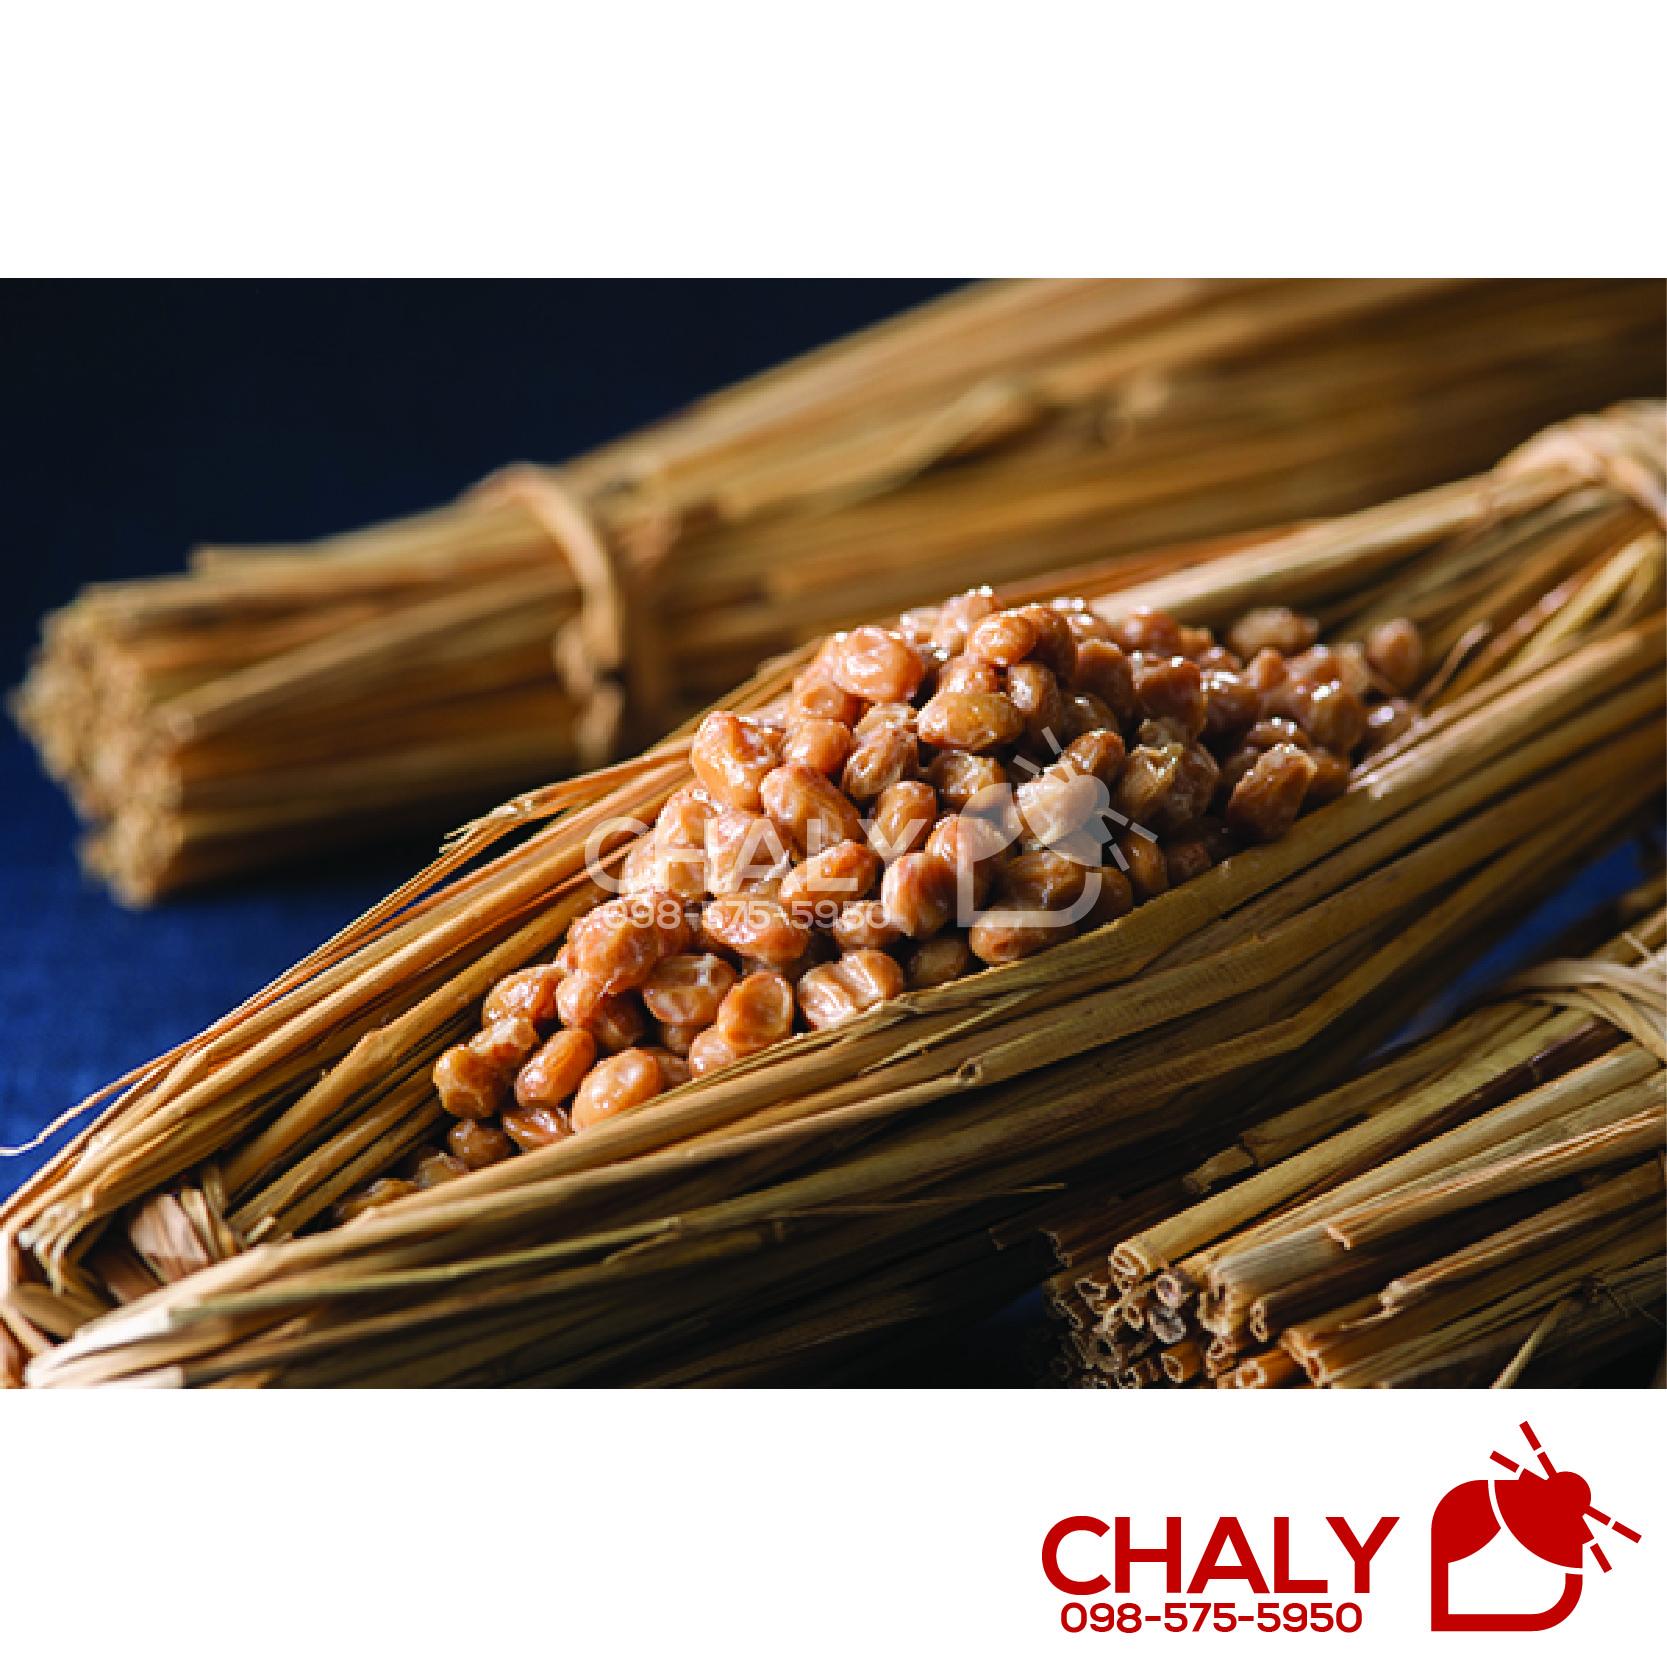 Nattokinase là một enzyme chiết xuất từ món Natto - món đậu nành lên men bổ sức khoẻ nổi tiếng của người Nhật